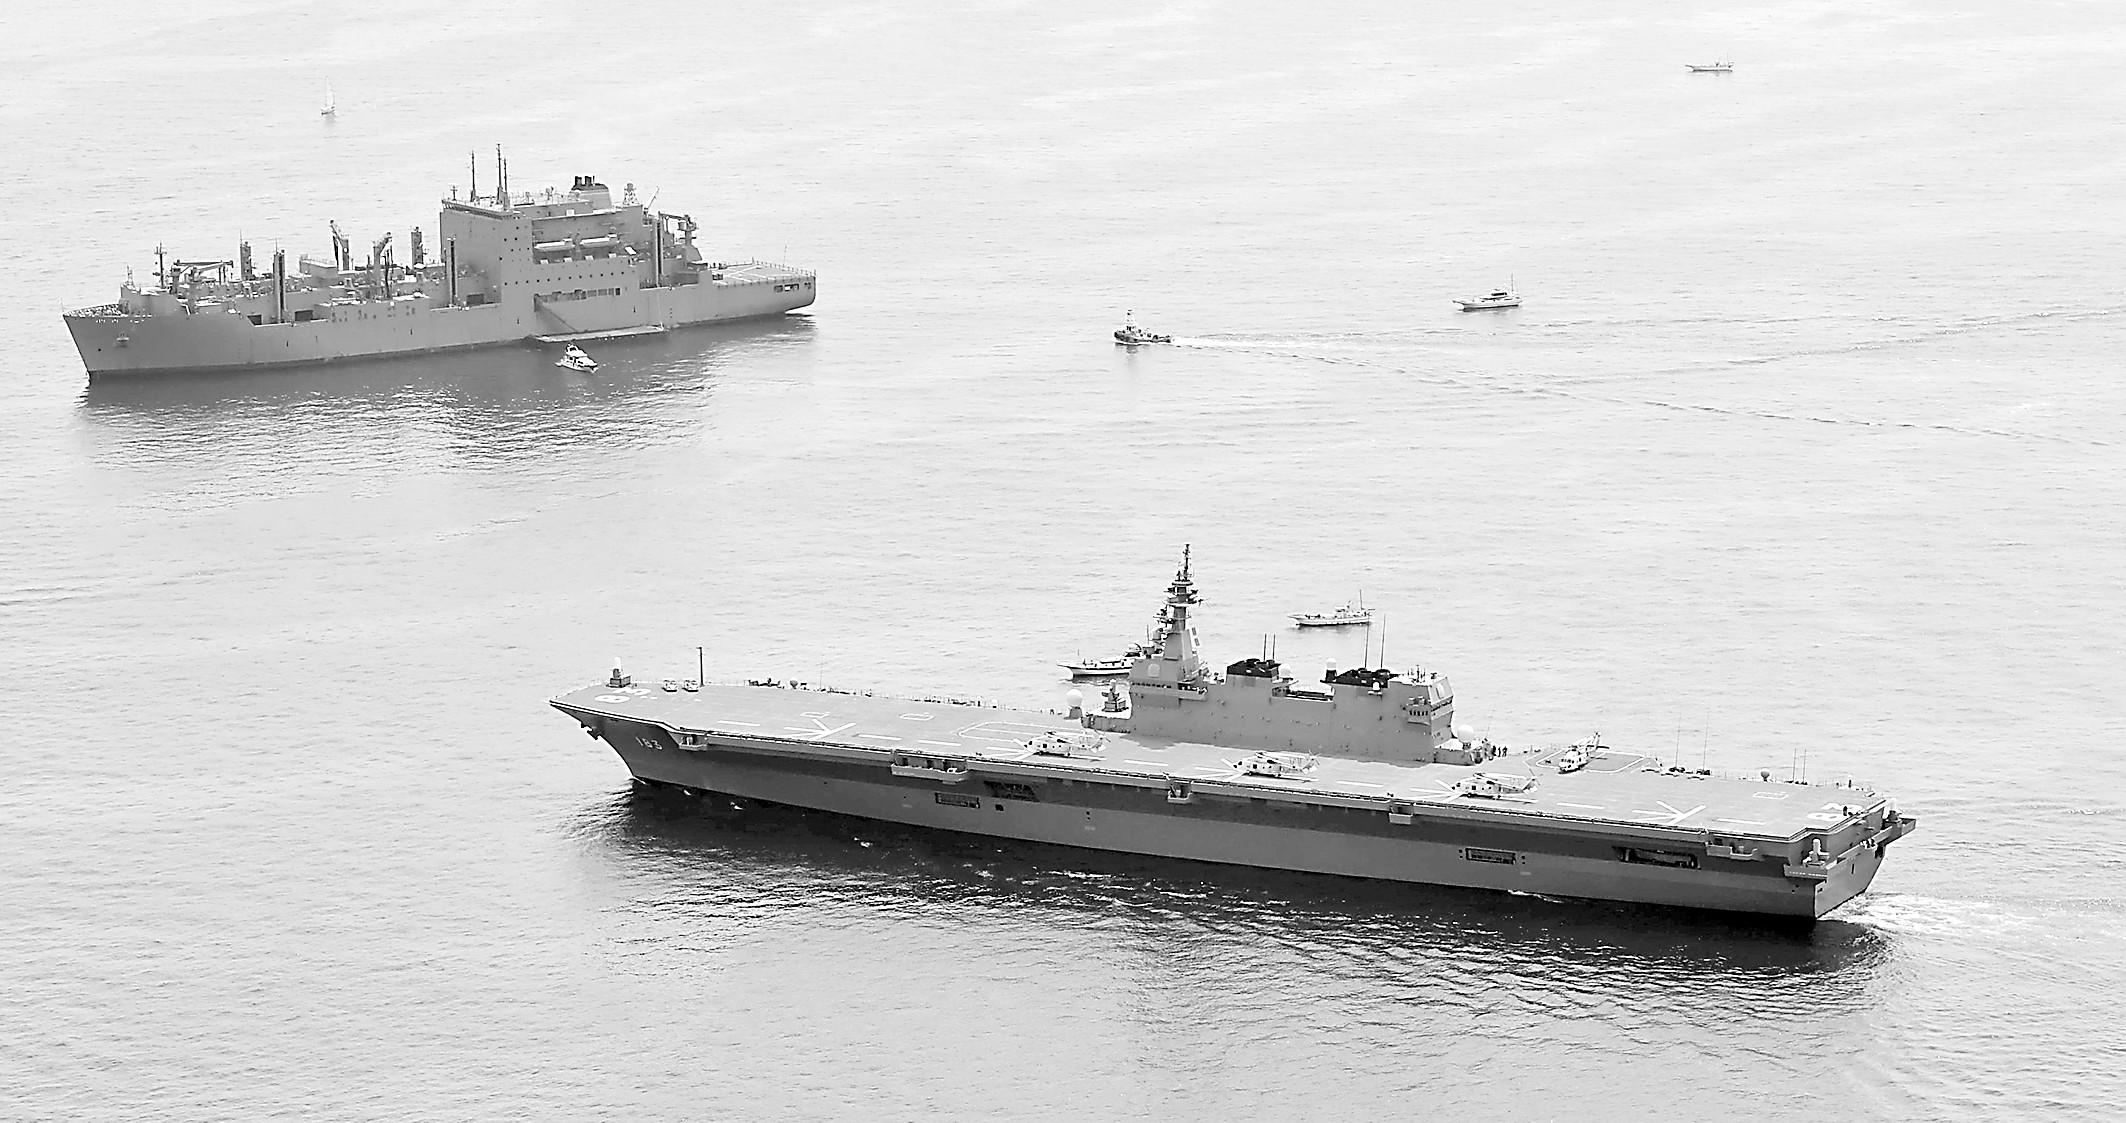 日媒:日本派出云号为美舰护航 给中国增加压力